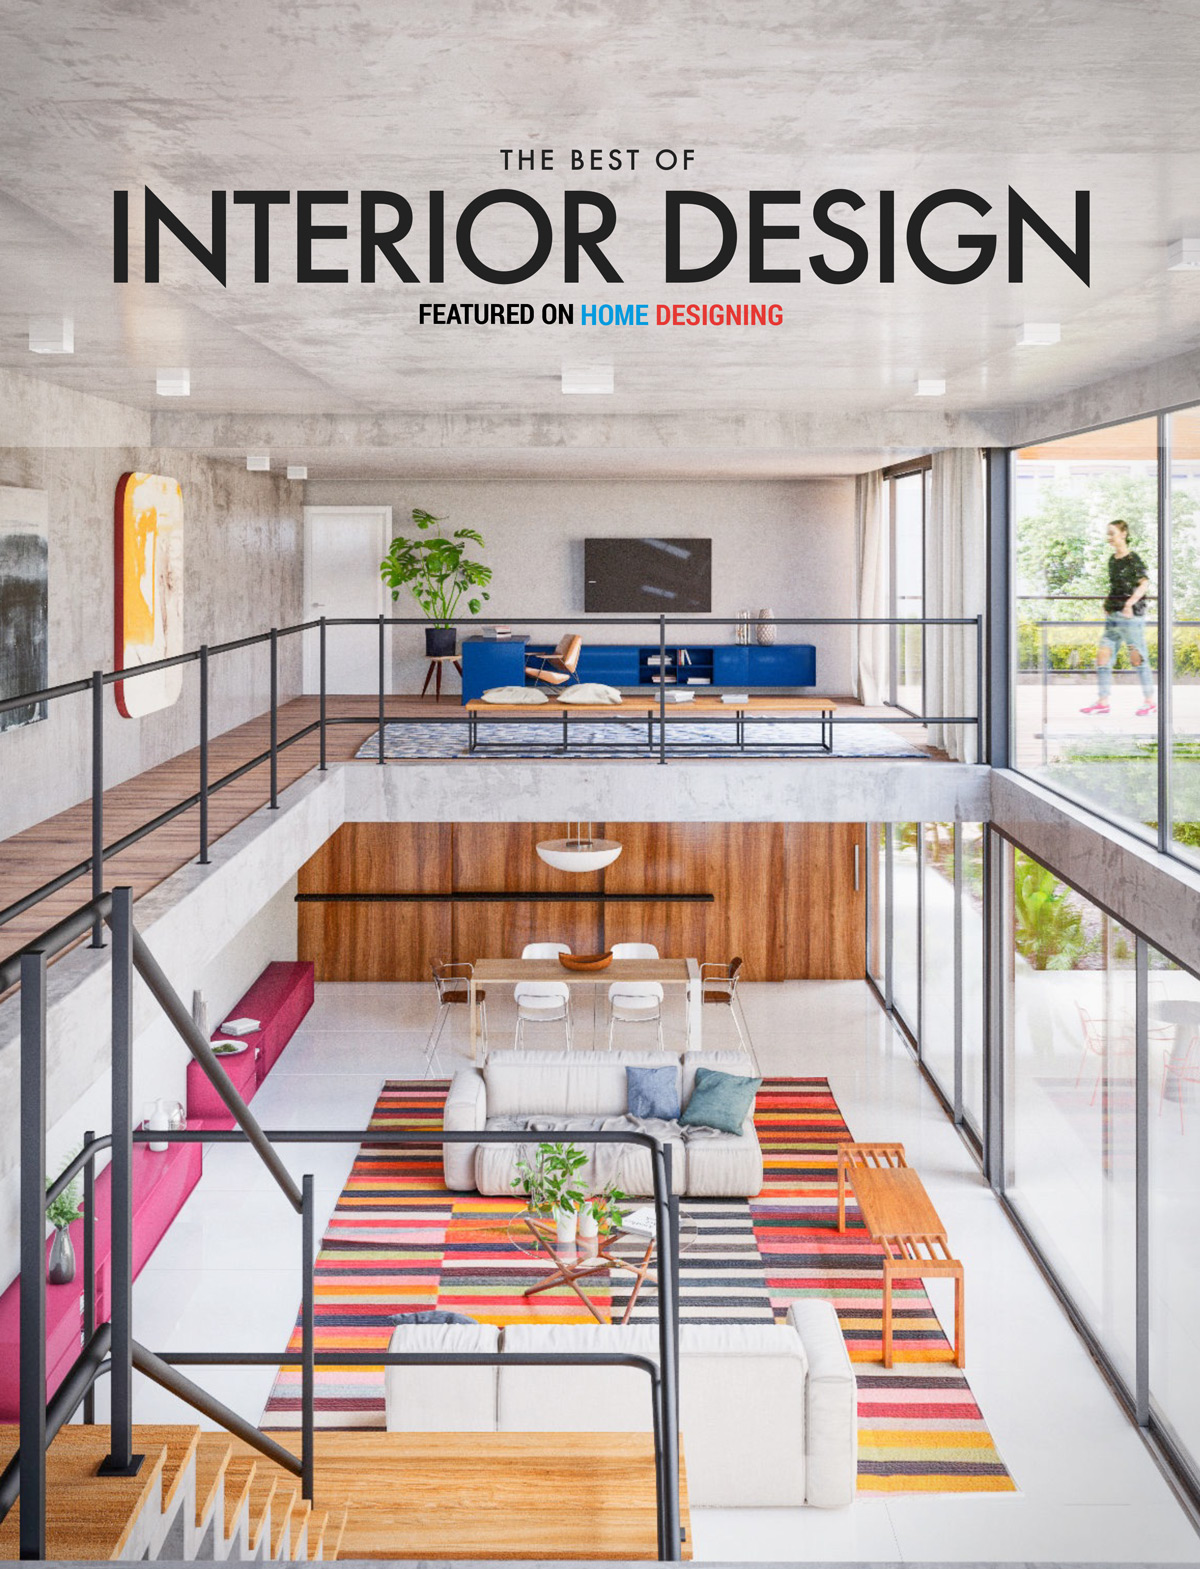 Best Kitchen Gallery: Free Interior Design Ebook The Best Of Interior Design Interior of Home Interior Design   Download  on rachelxblog.com